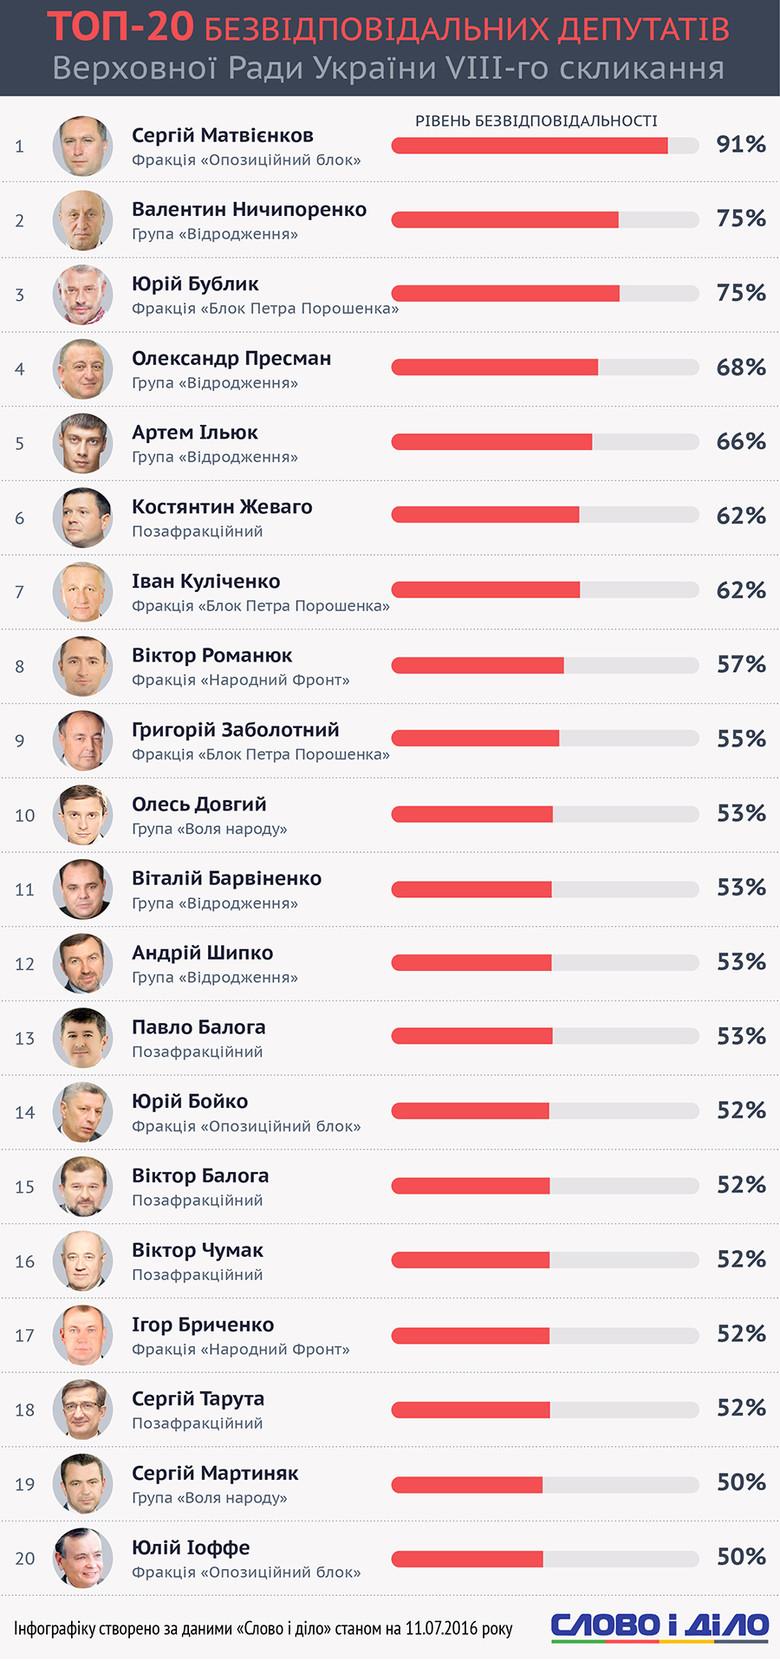 Слово і Діло склало рейтинг найбільш відповідальних та безвідповідальних депутатів Верховної Ради восьмого скликання.